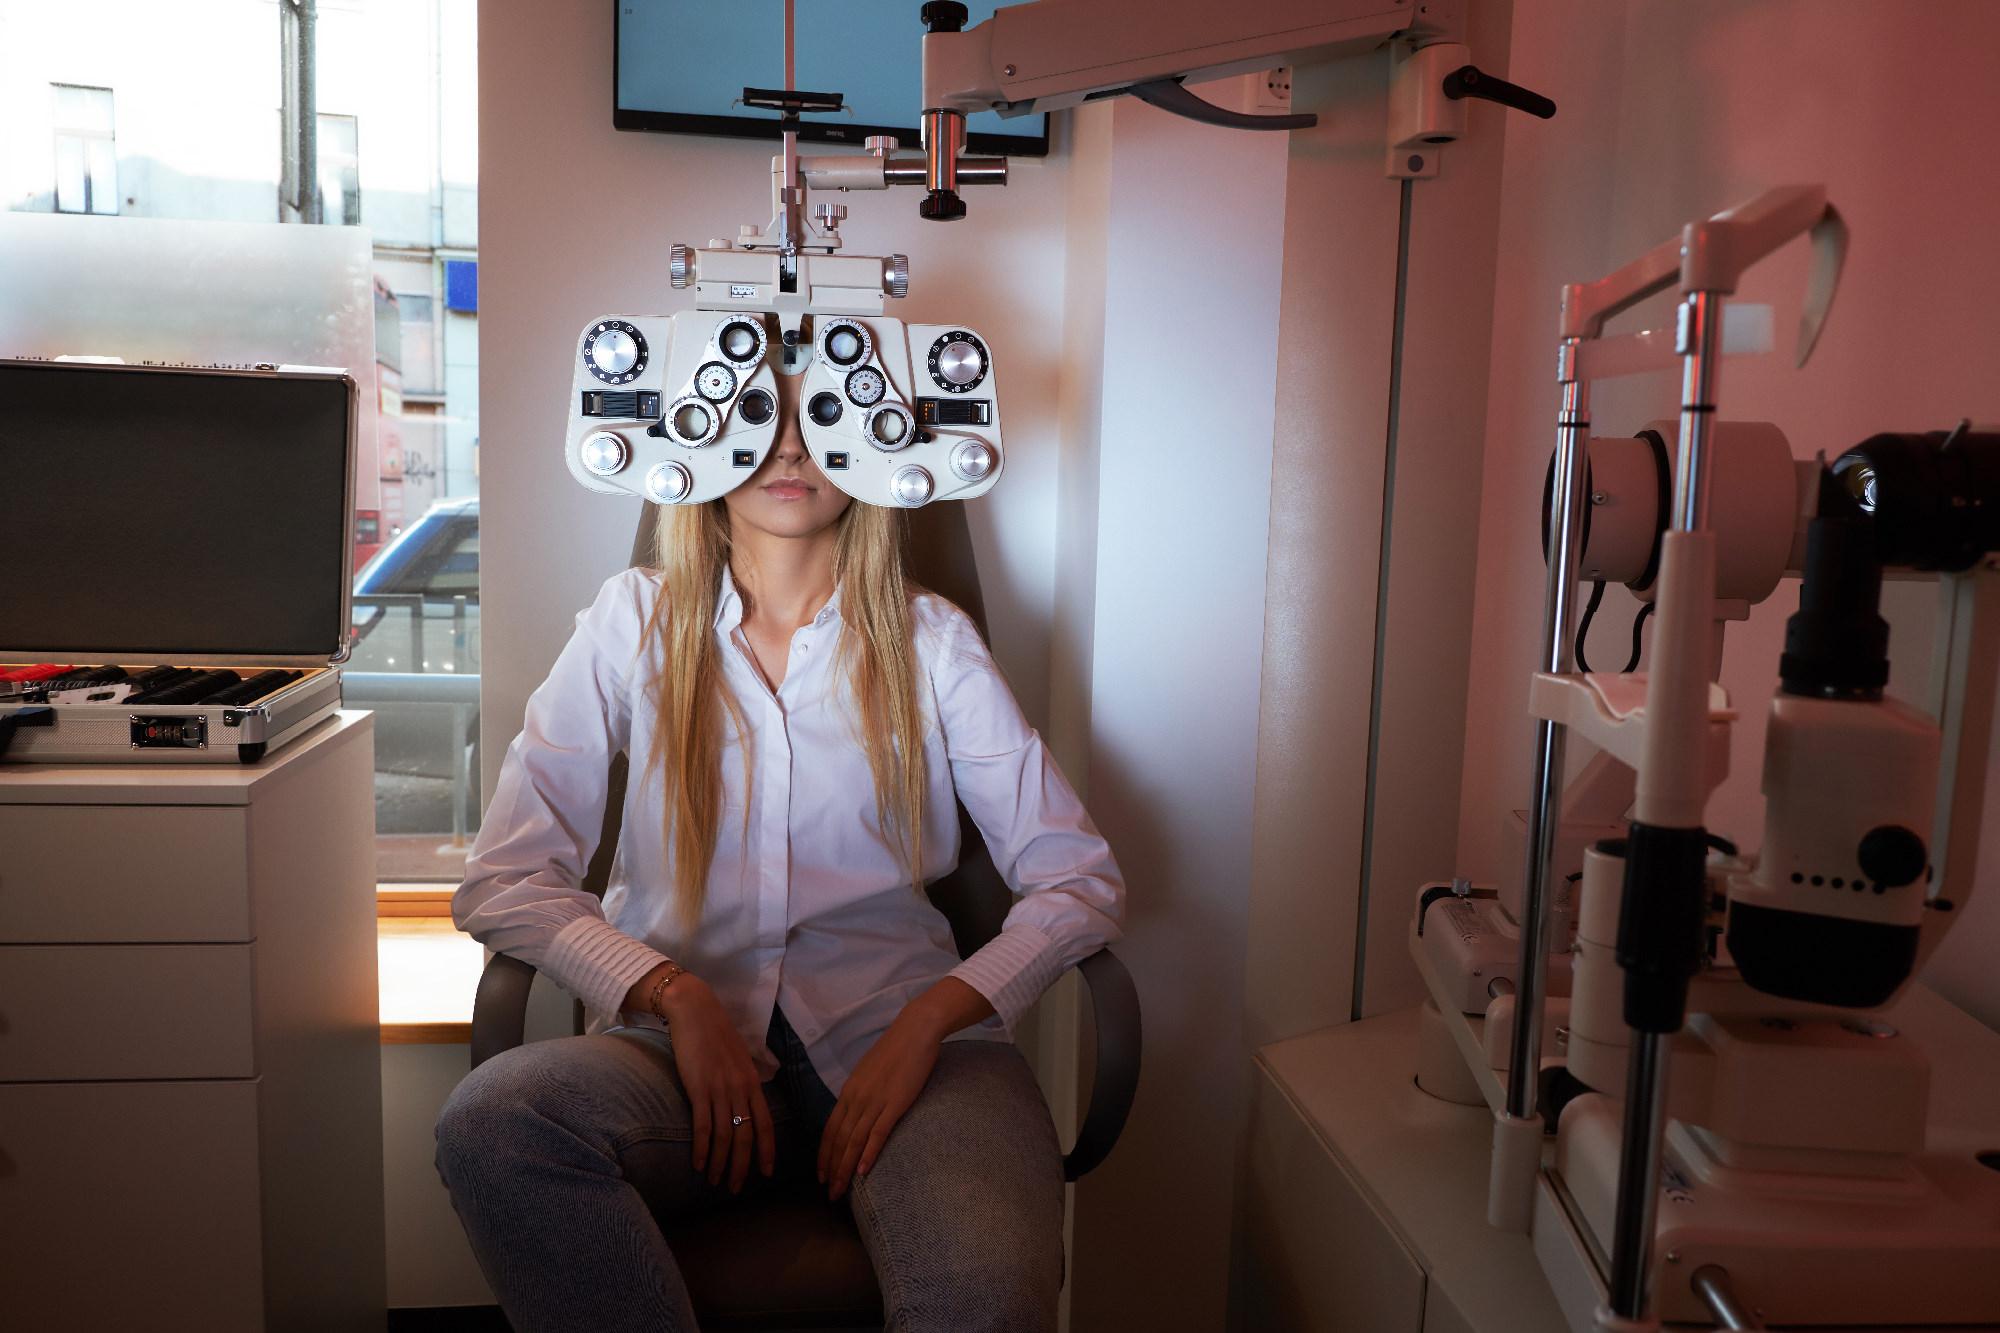 Badanie wzroku – przygotowanie i przebieg. Jak często badać wzrok?